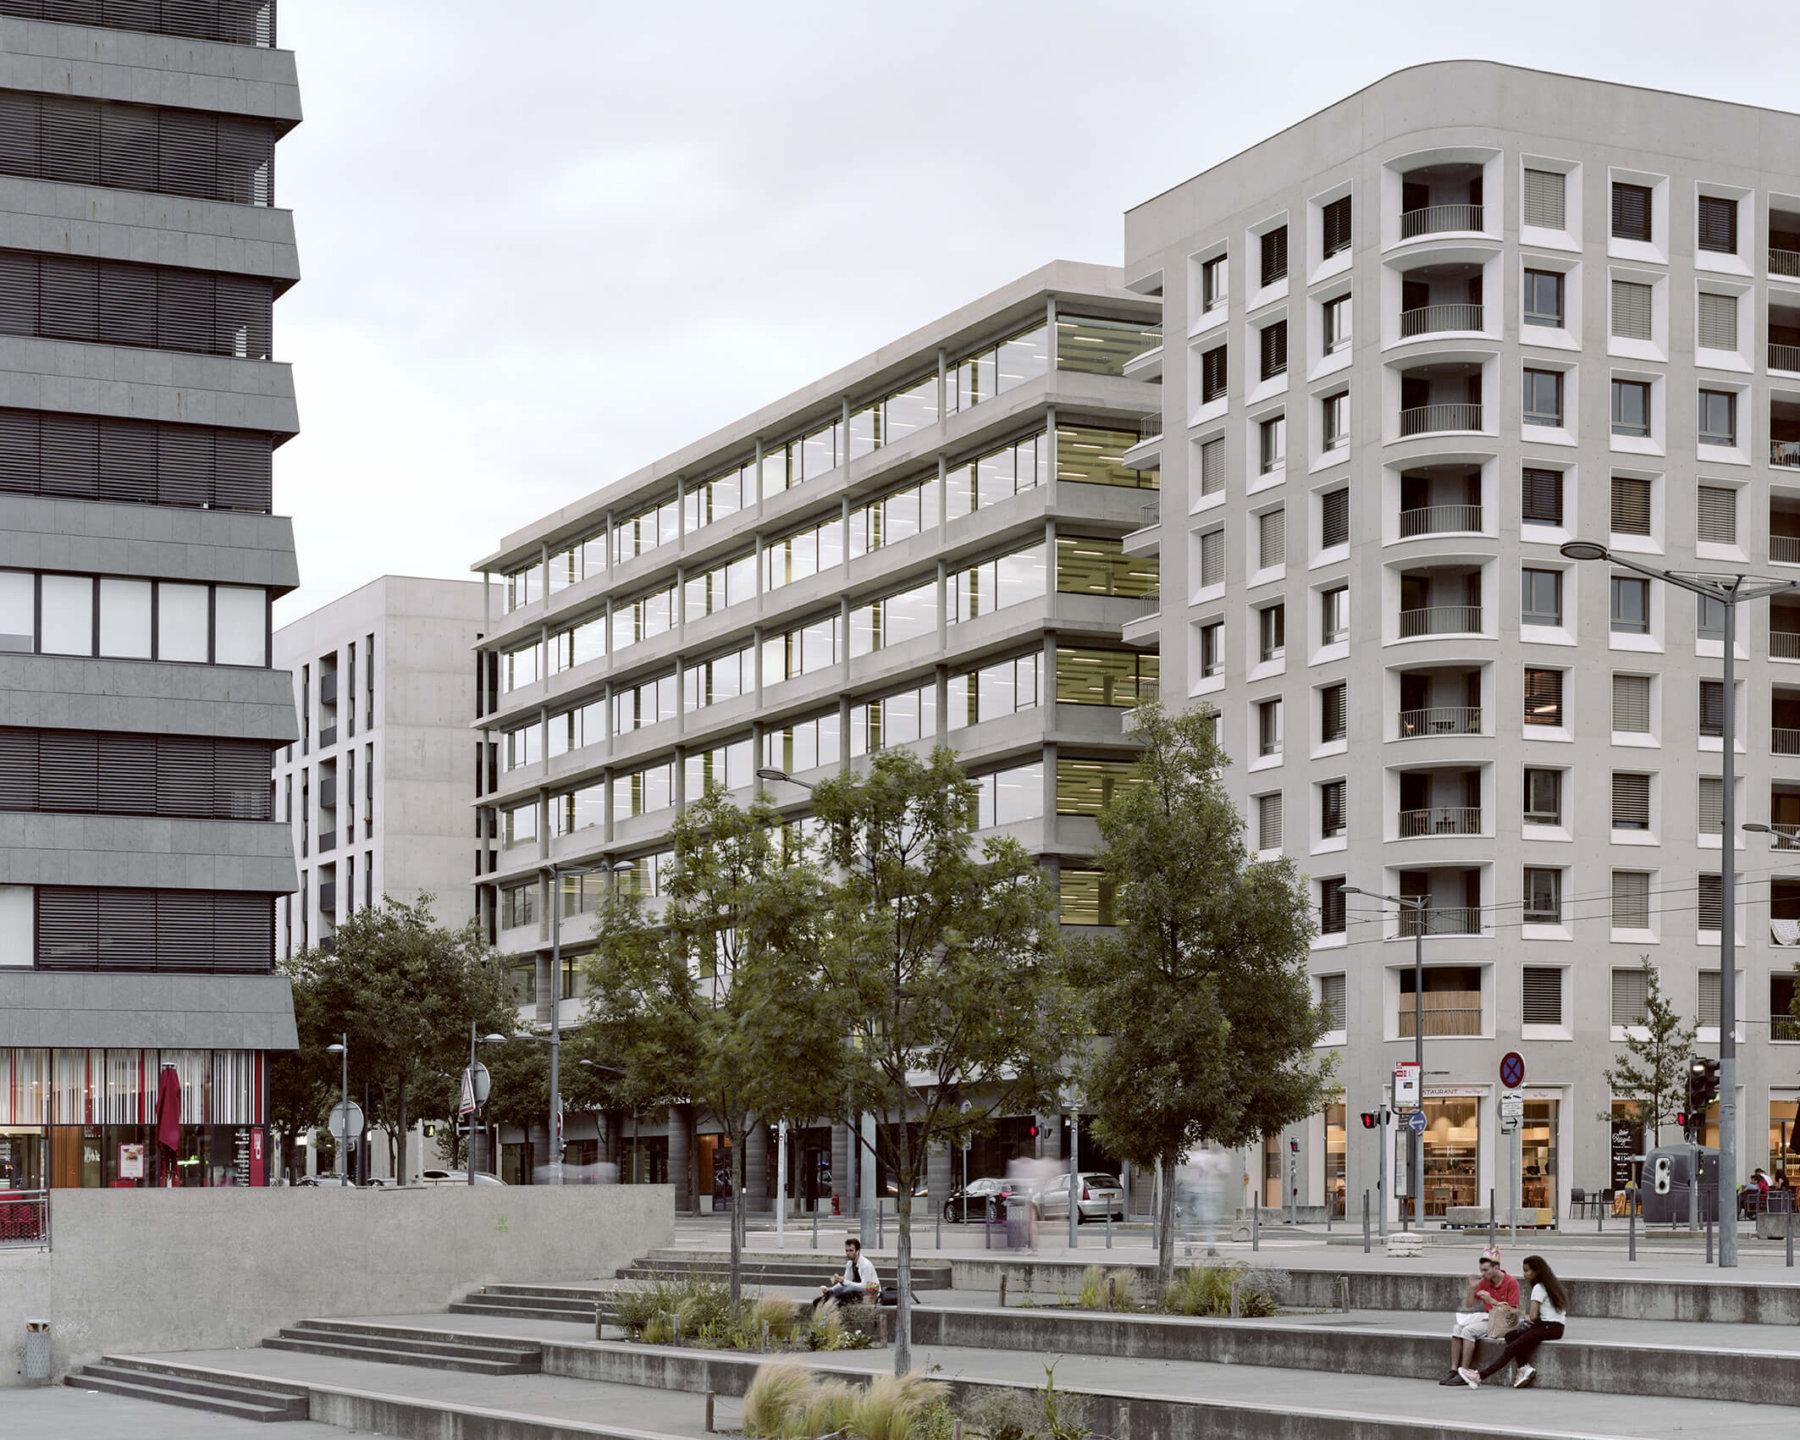 Bâtiment de bureau factory ilot a3 bâtiment 6 ynfluence square